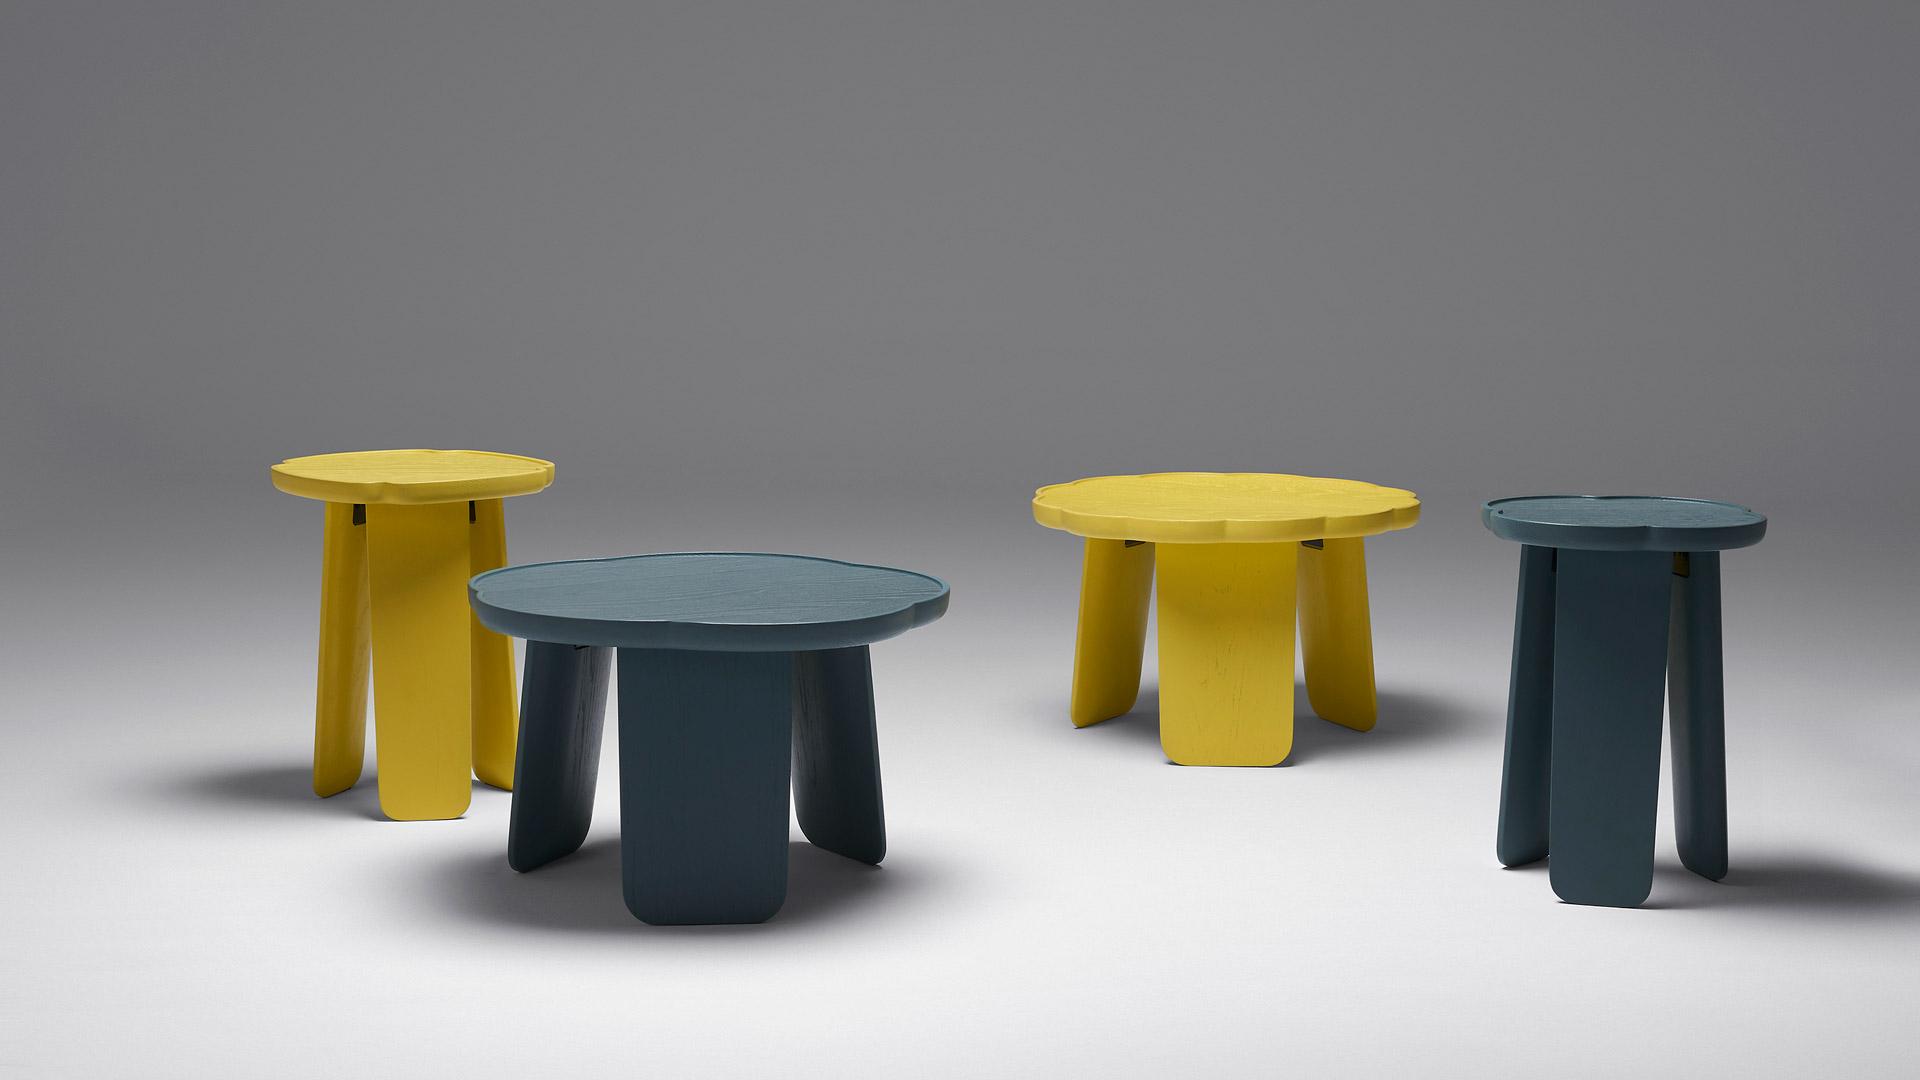 高桌秀丽,矮桌圆雅,花瓣桌面与宽型桌腿的实木演绎,德国设计师在英国描画的现代盛唐,柔美任选,回到家也恣意花间。